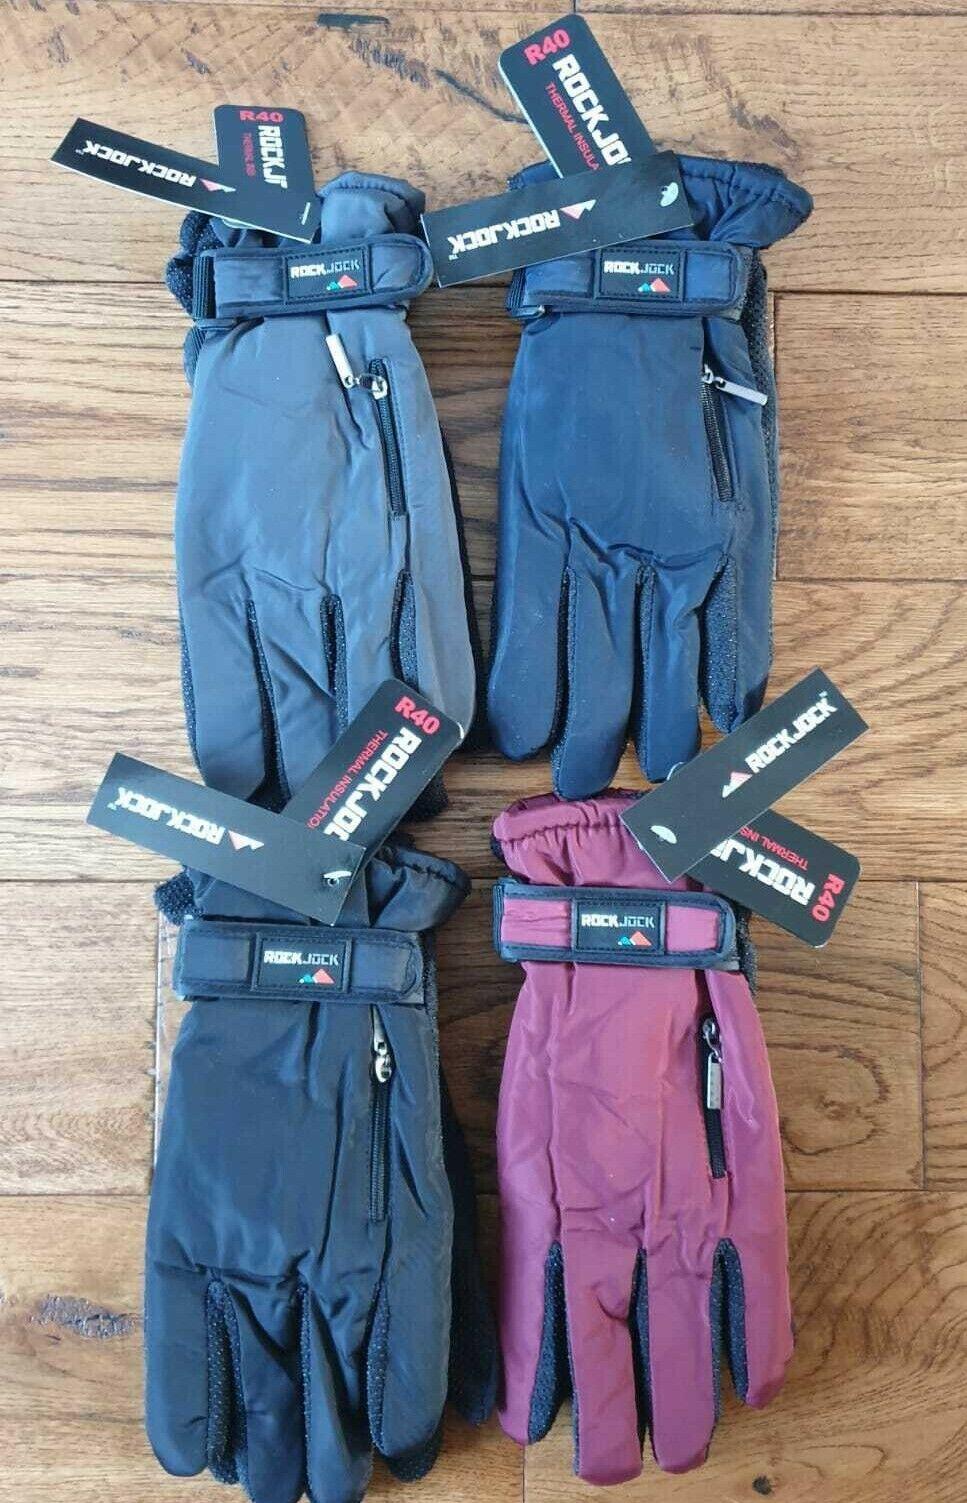 Ladies Winter showerproof outdoor padded fleece lined ski zip pocket warm gloves